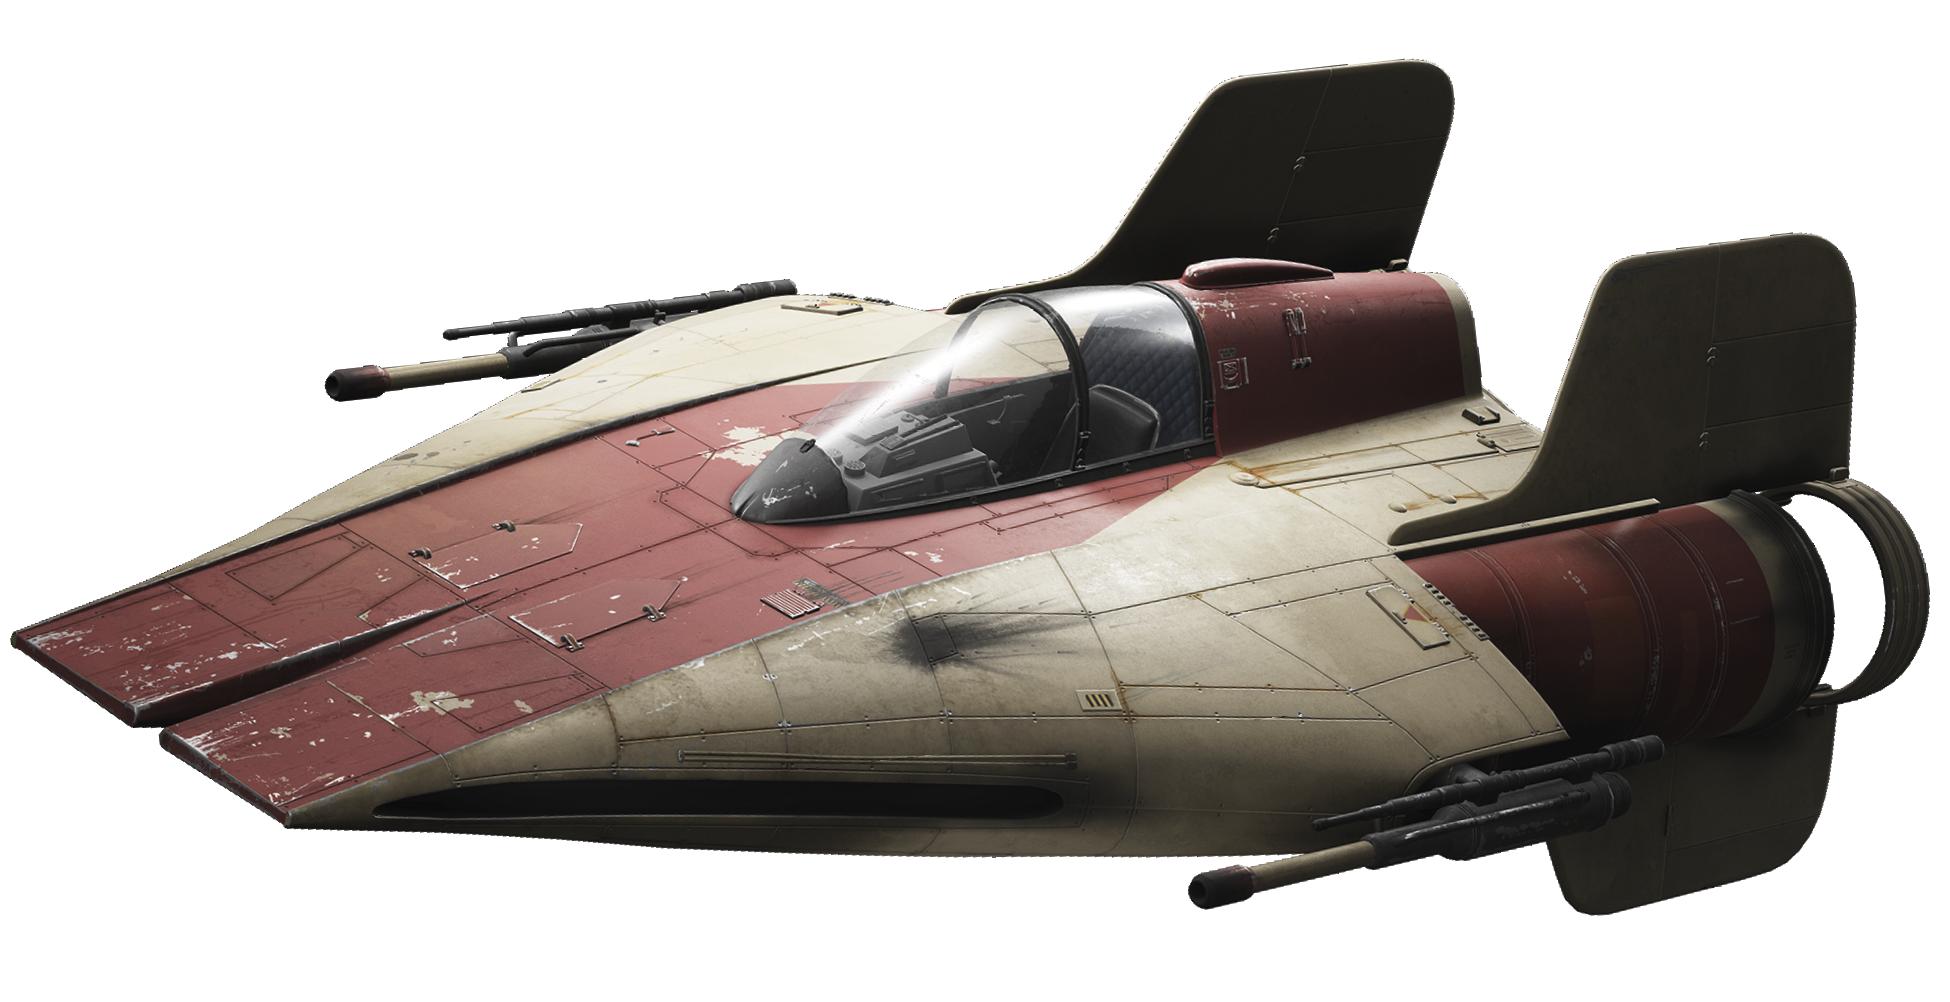 Rz 1 a wing interceptor wookieepedia fandom powered by wikia malvernweather Choice Image